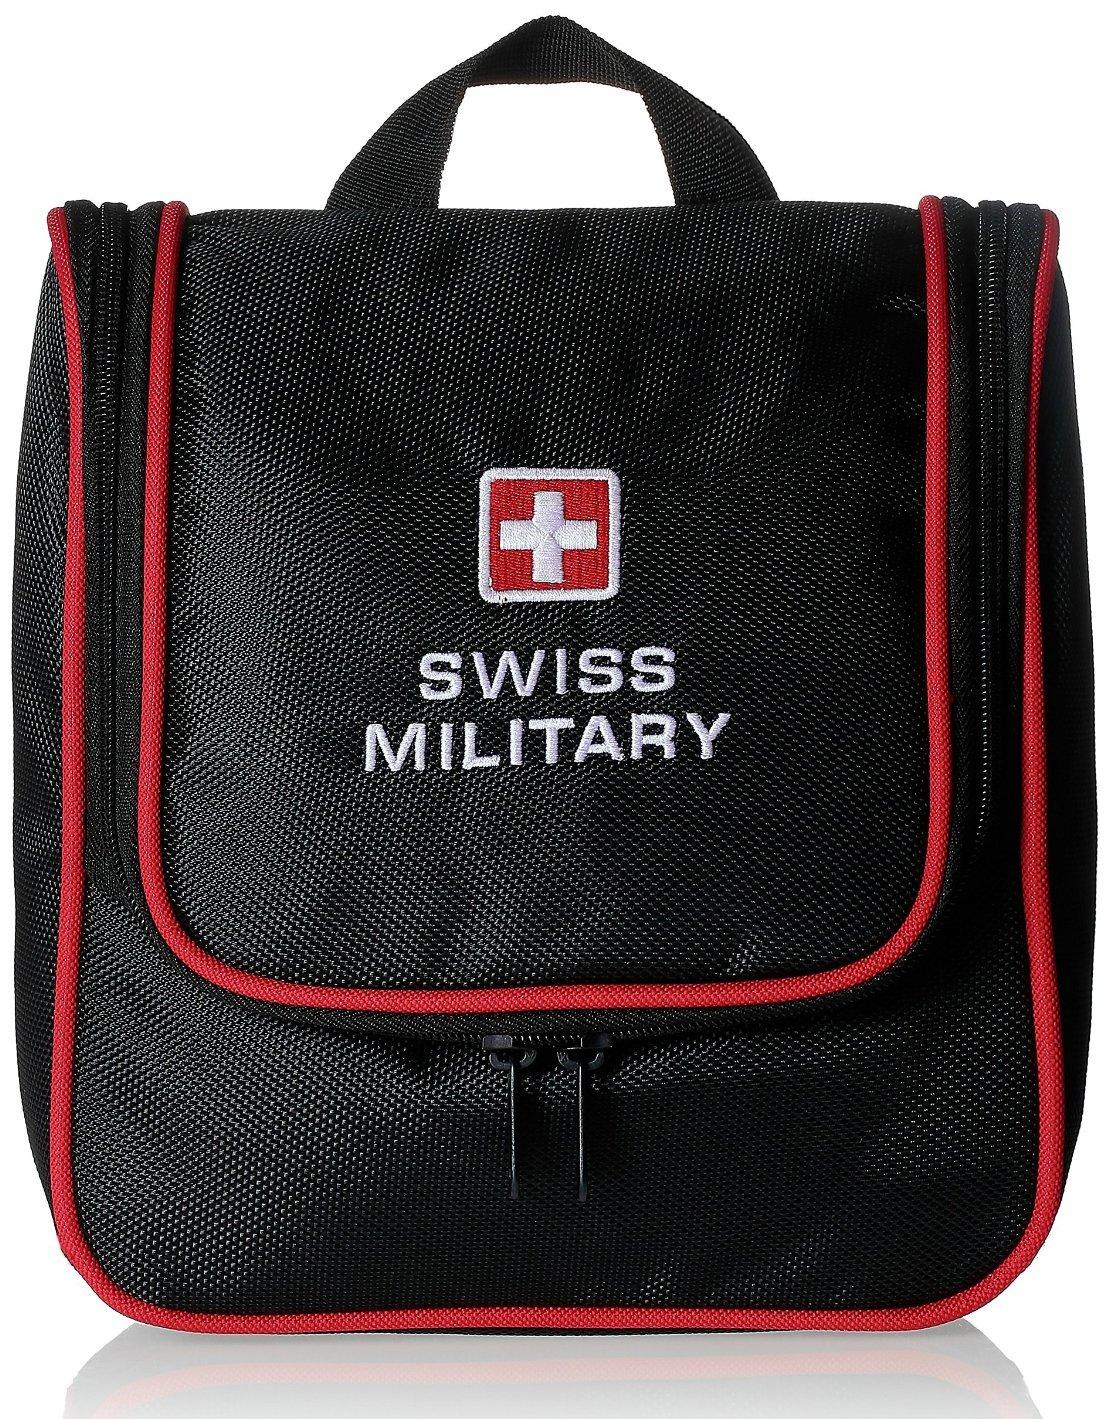 Swiss Military Multi Purpose Sling Bag in Bangalore